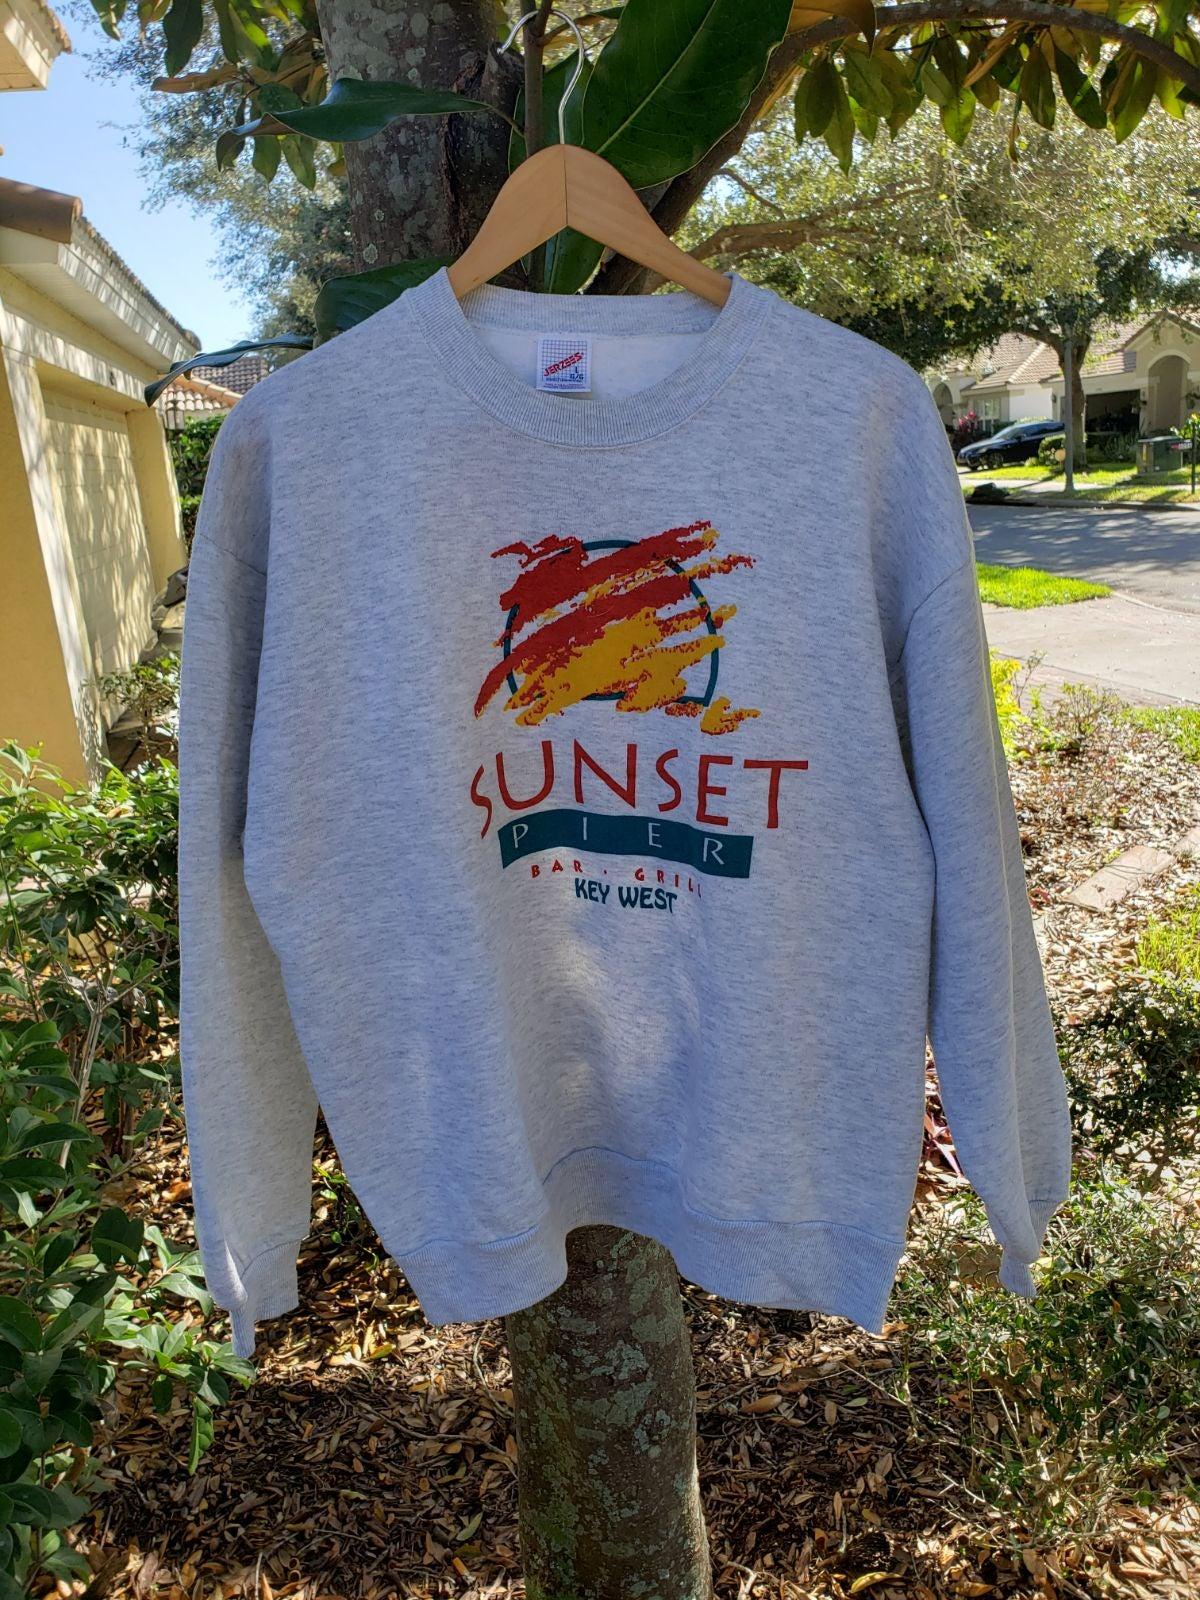 Vintage sweatshirt for men